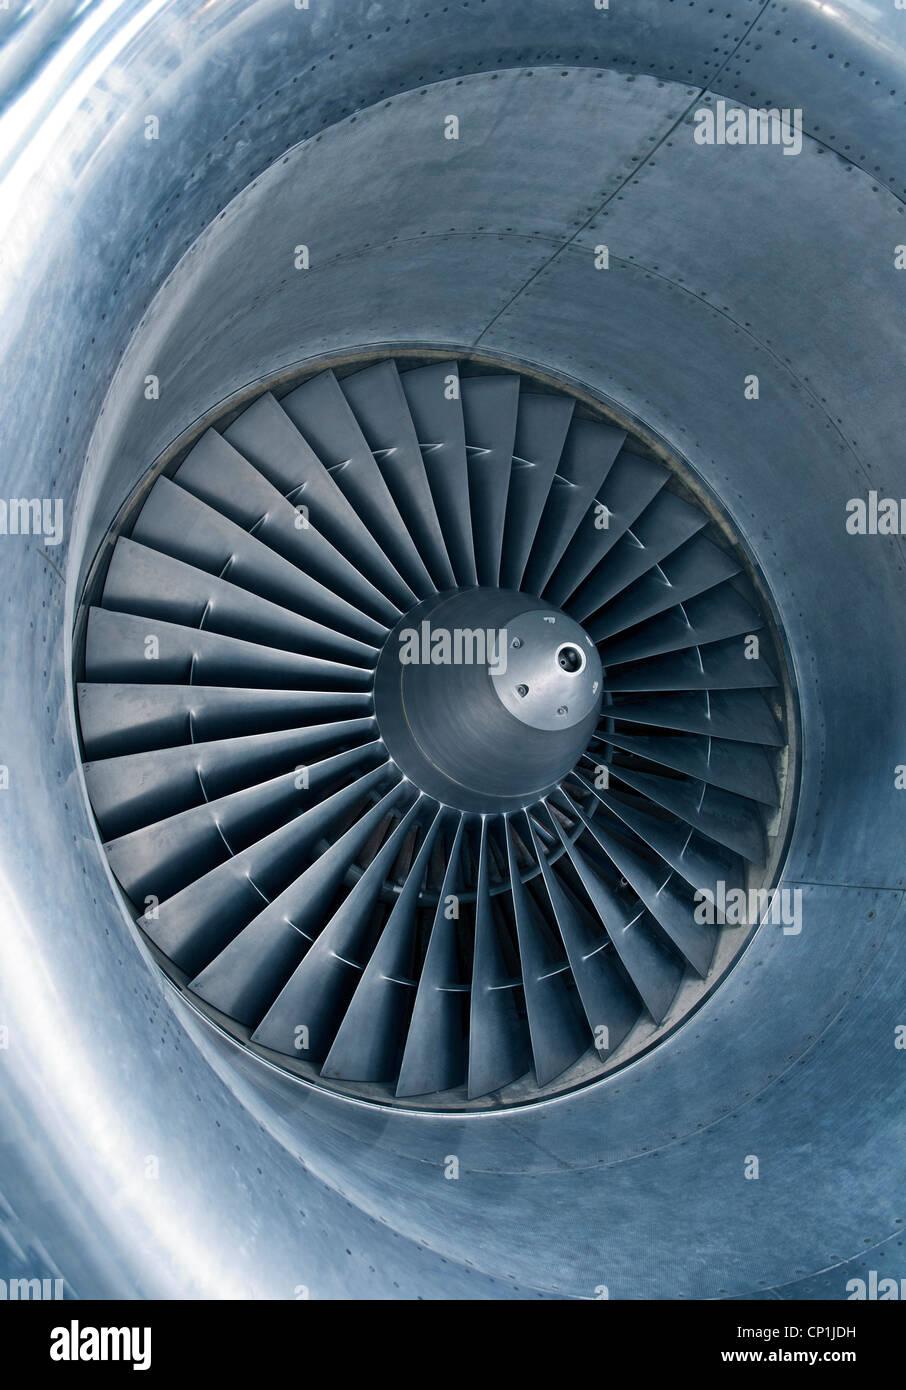 Particolare di una turbina a getto. Immagini Stock